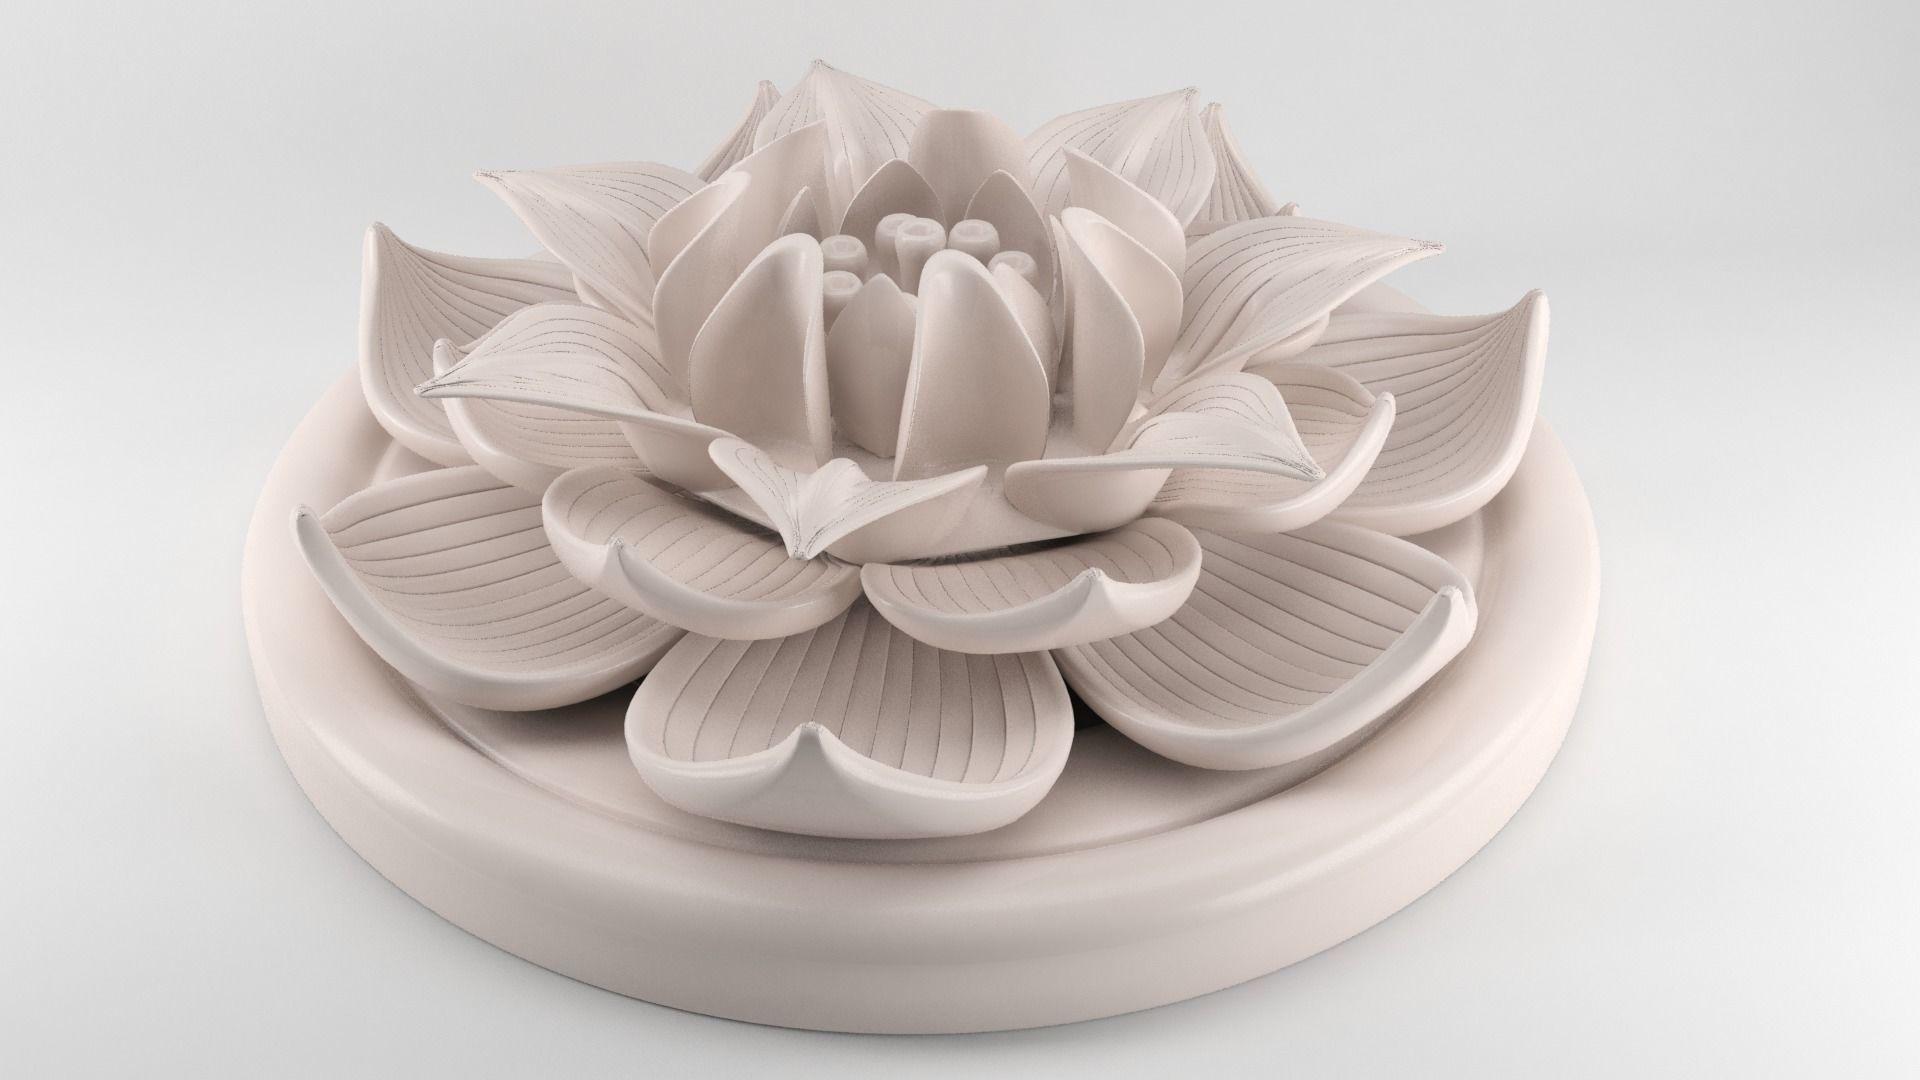 Lotus flower figurine 3d print model cgtrader lotus flower figurine 3d model stl 1 izmirmasajfo